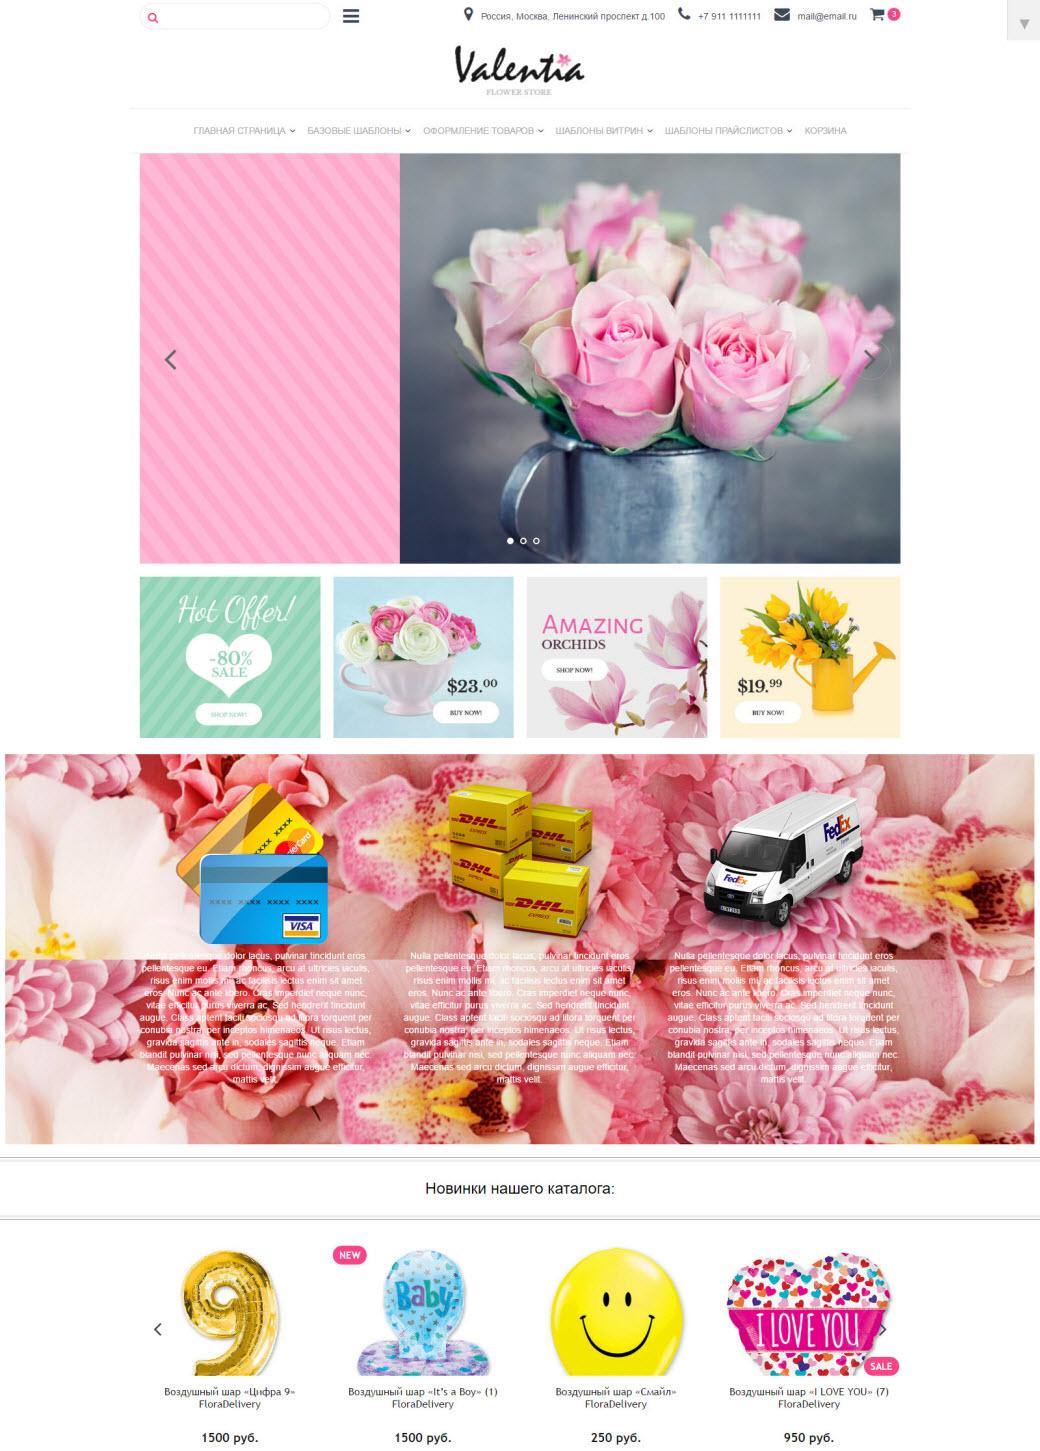 Адаптивная тема WP Shop #36: Цветочный магазин, подарки, игрушки, одежда, парфюмерия